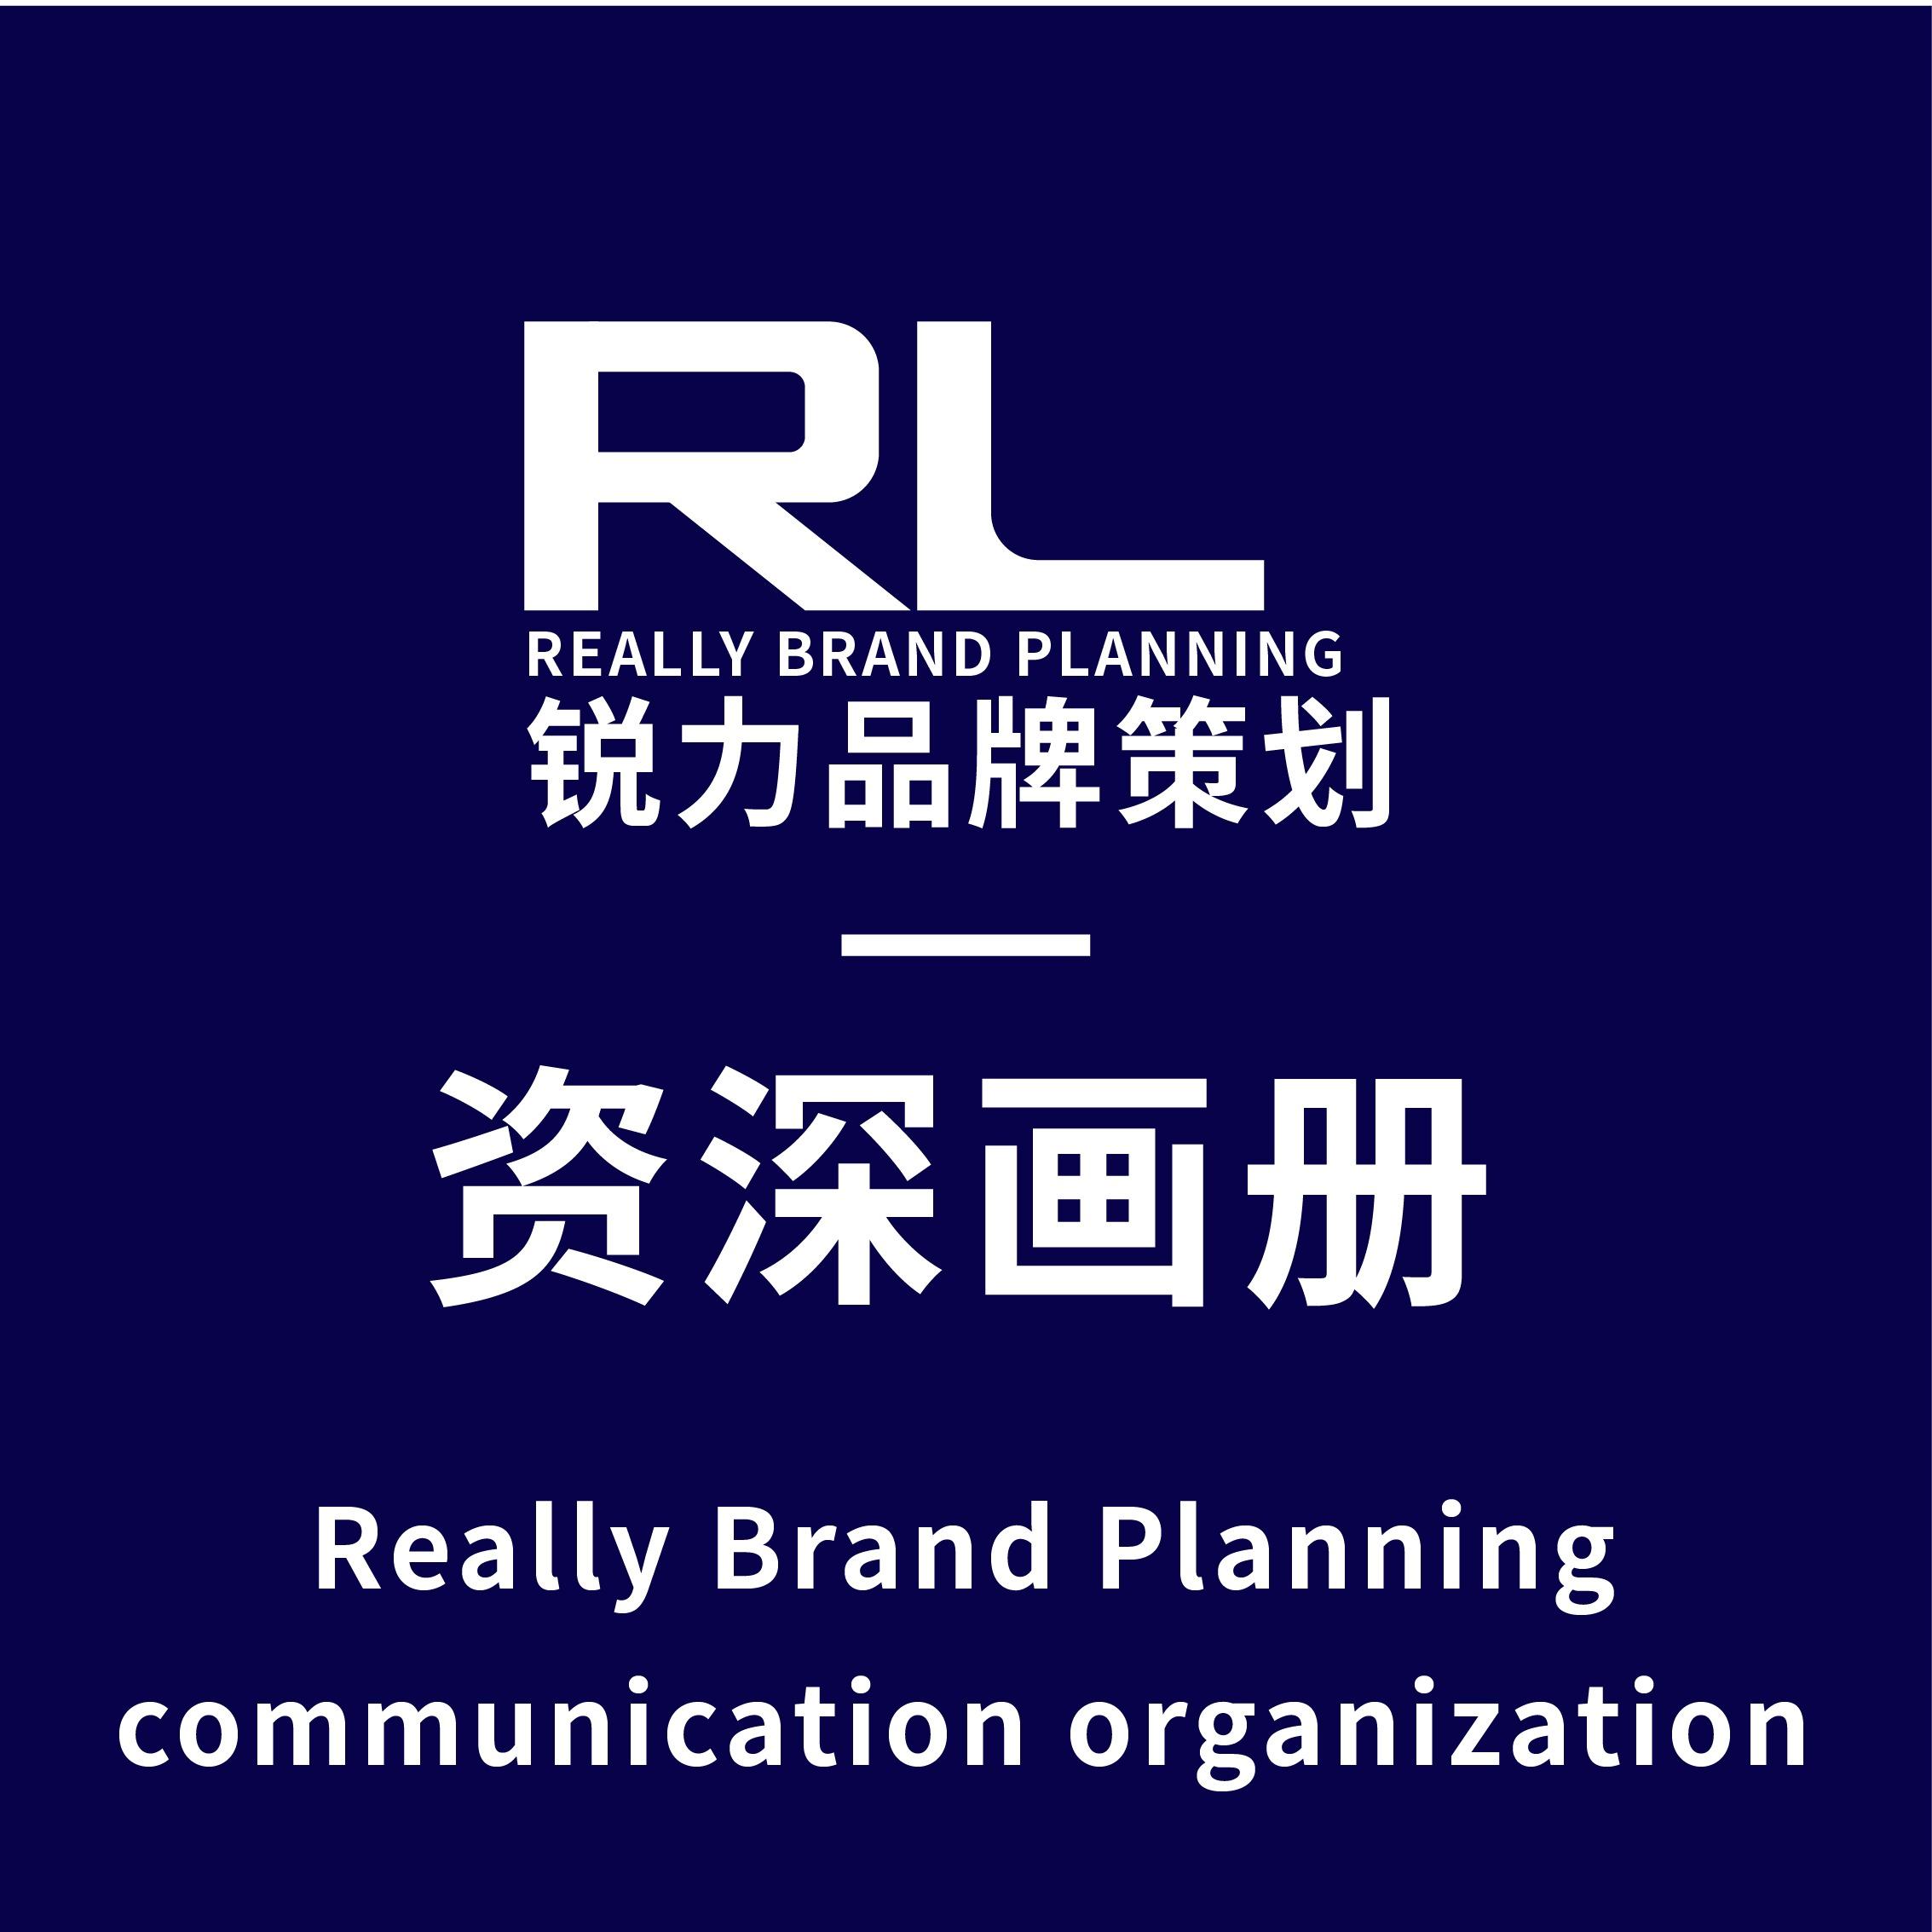 【资深画册】画册宣传设计企业宣传册招商手册产品画册宣传单创意